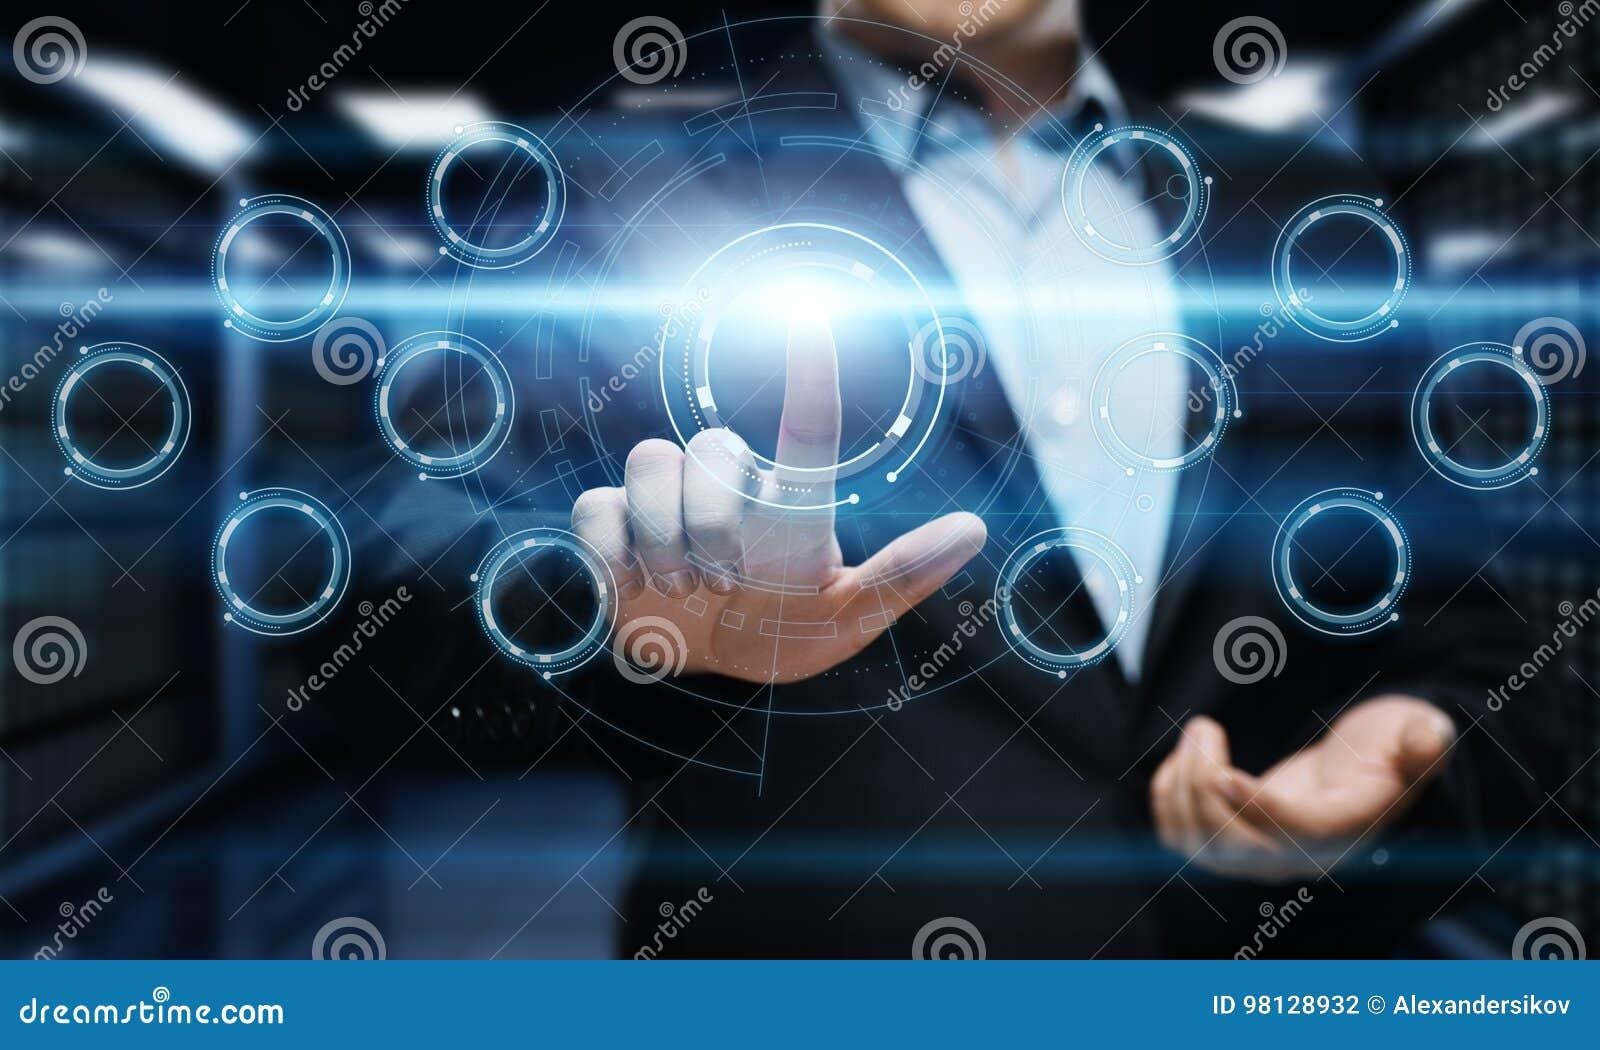 Trycka på för affärsmanknapp Man som pekar på futuristisk manöverenhet Innovationteknologiinternet och affärsidé